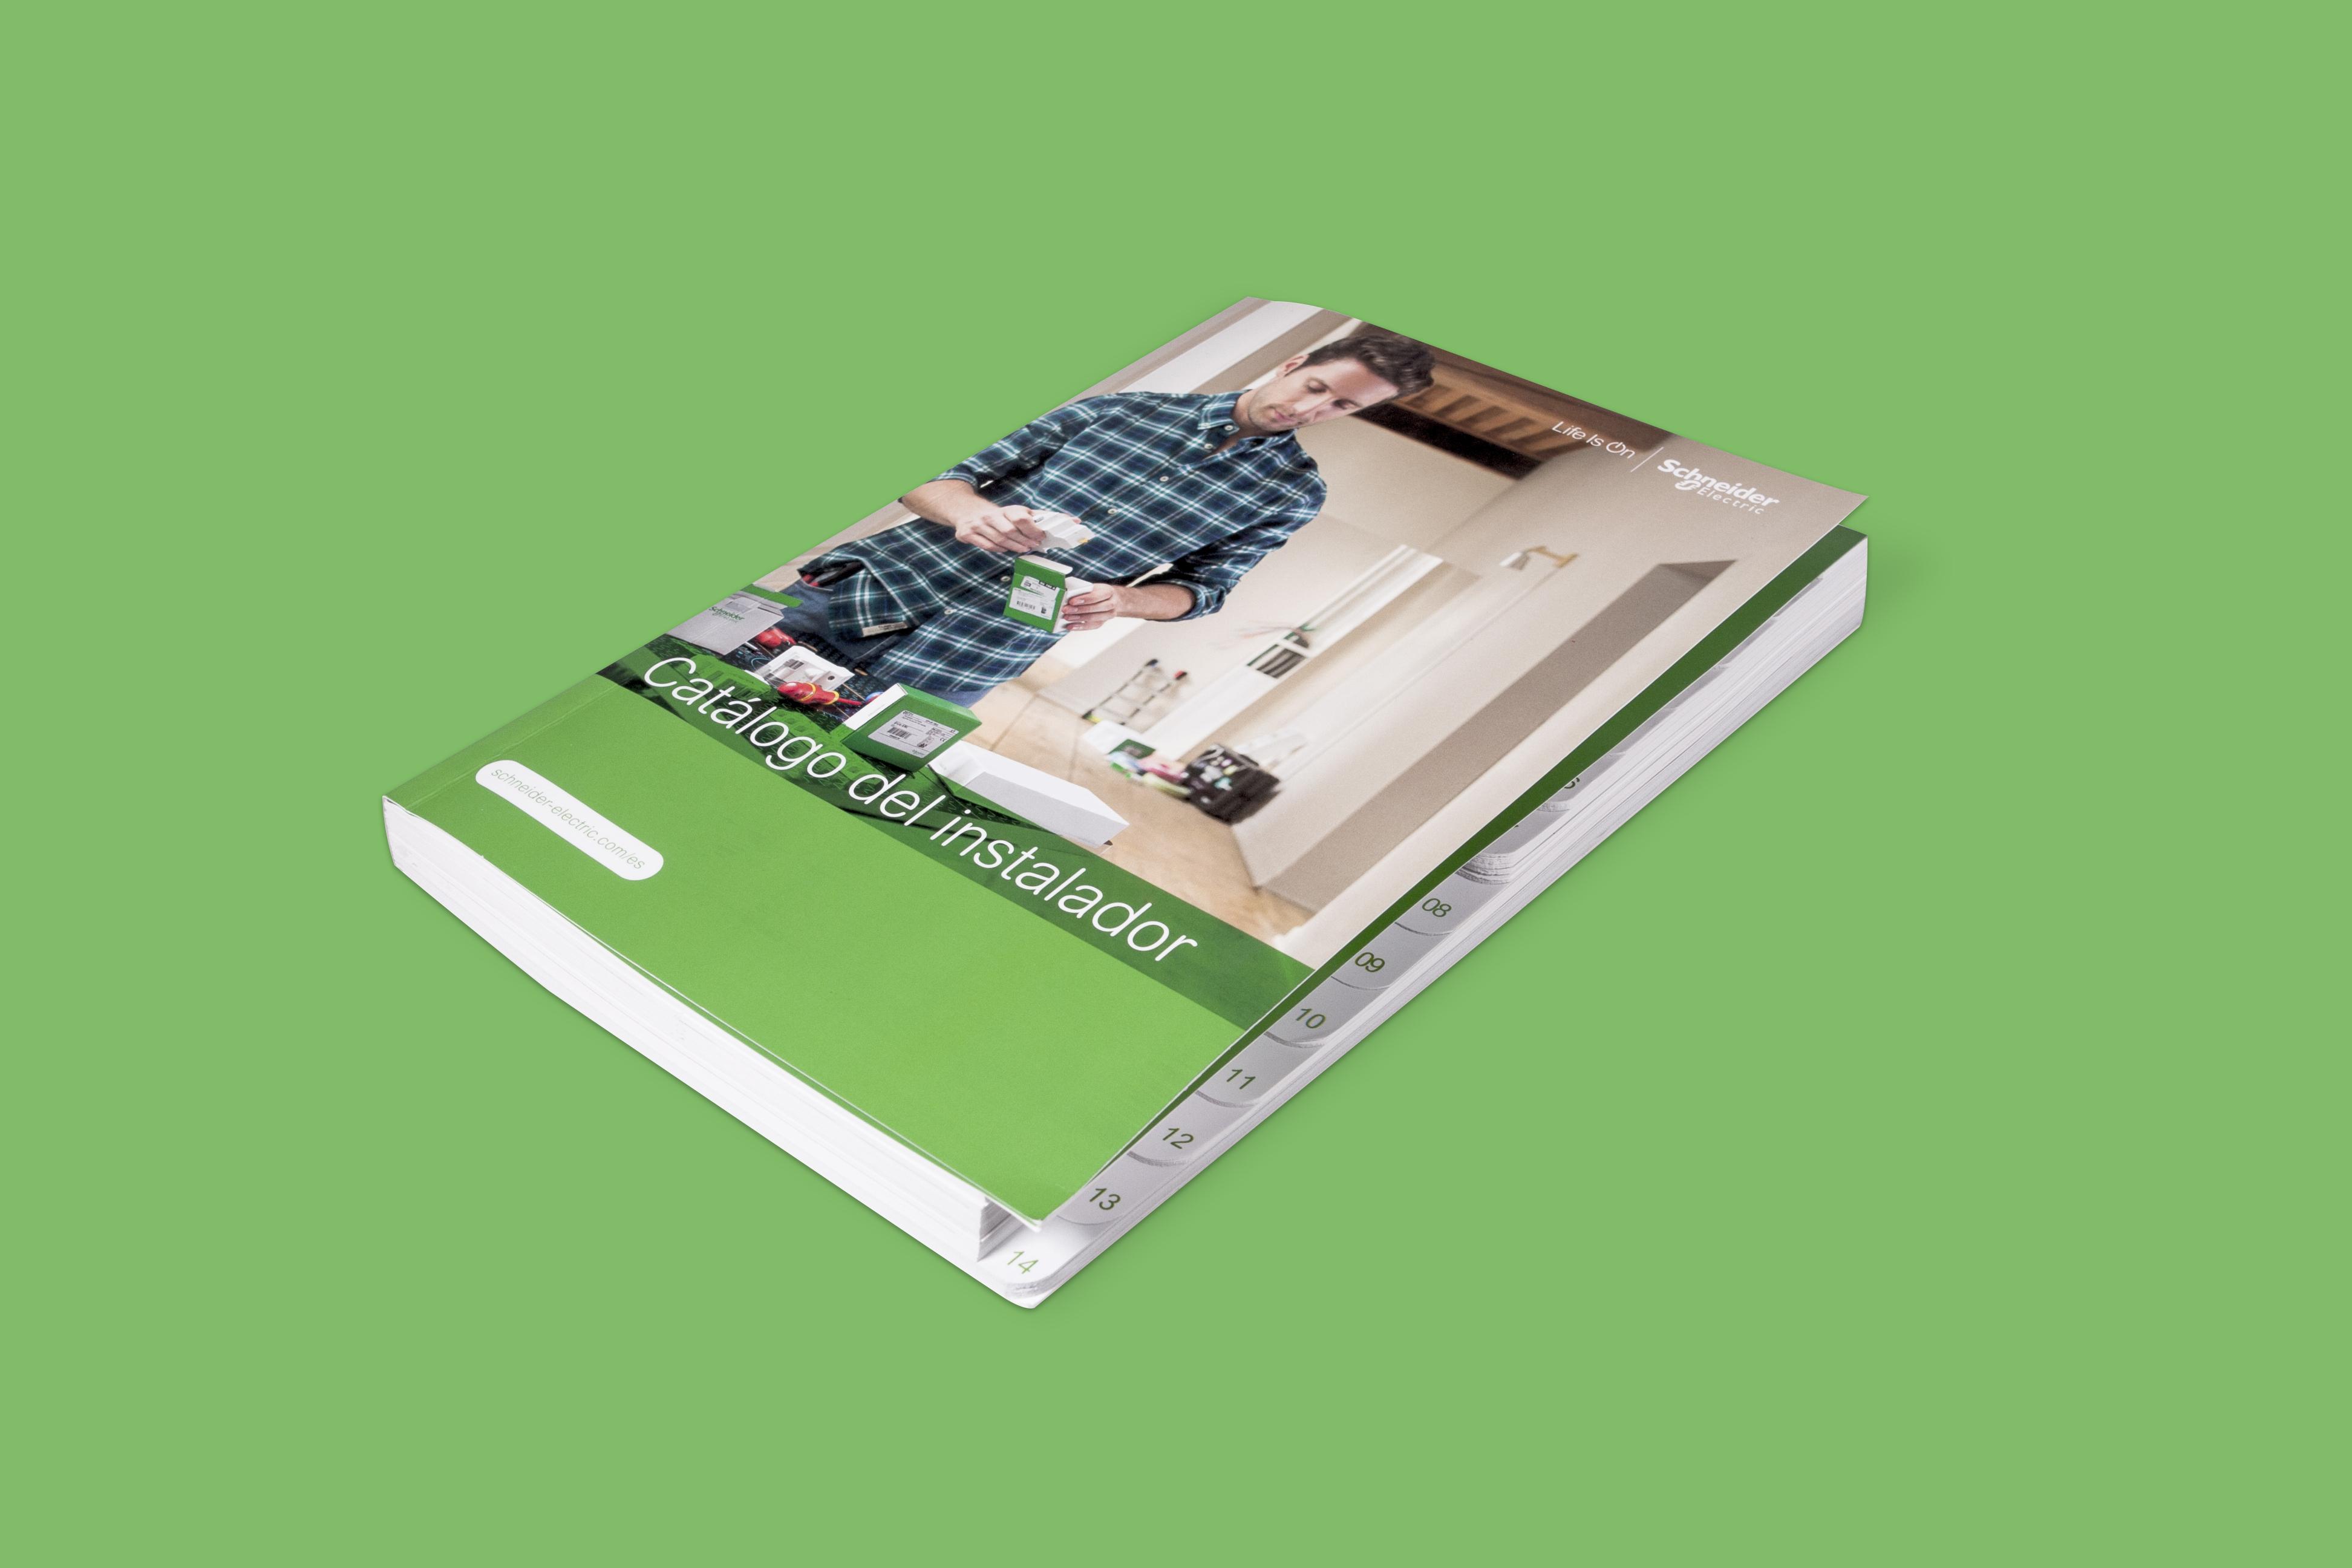 SE Catalogo Abreviado 10 - En el detalle esta la diferencia y con acabados especiales se consigue